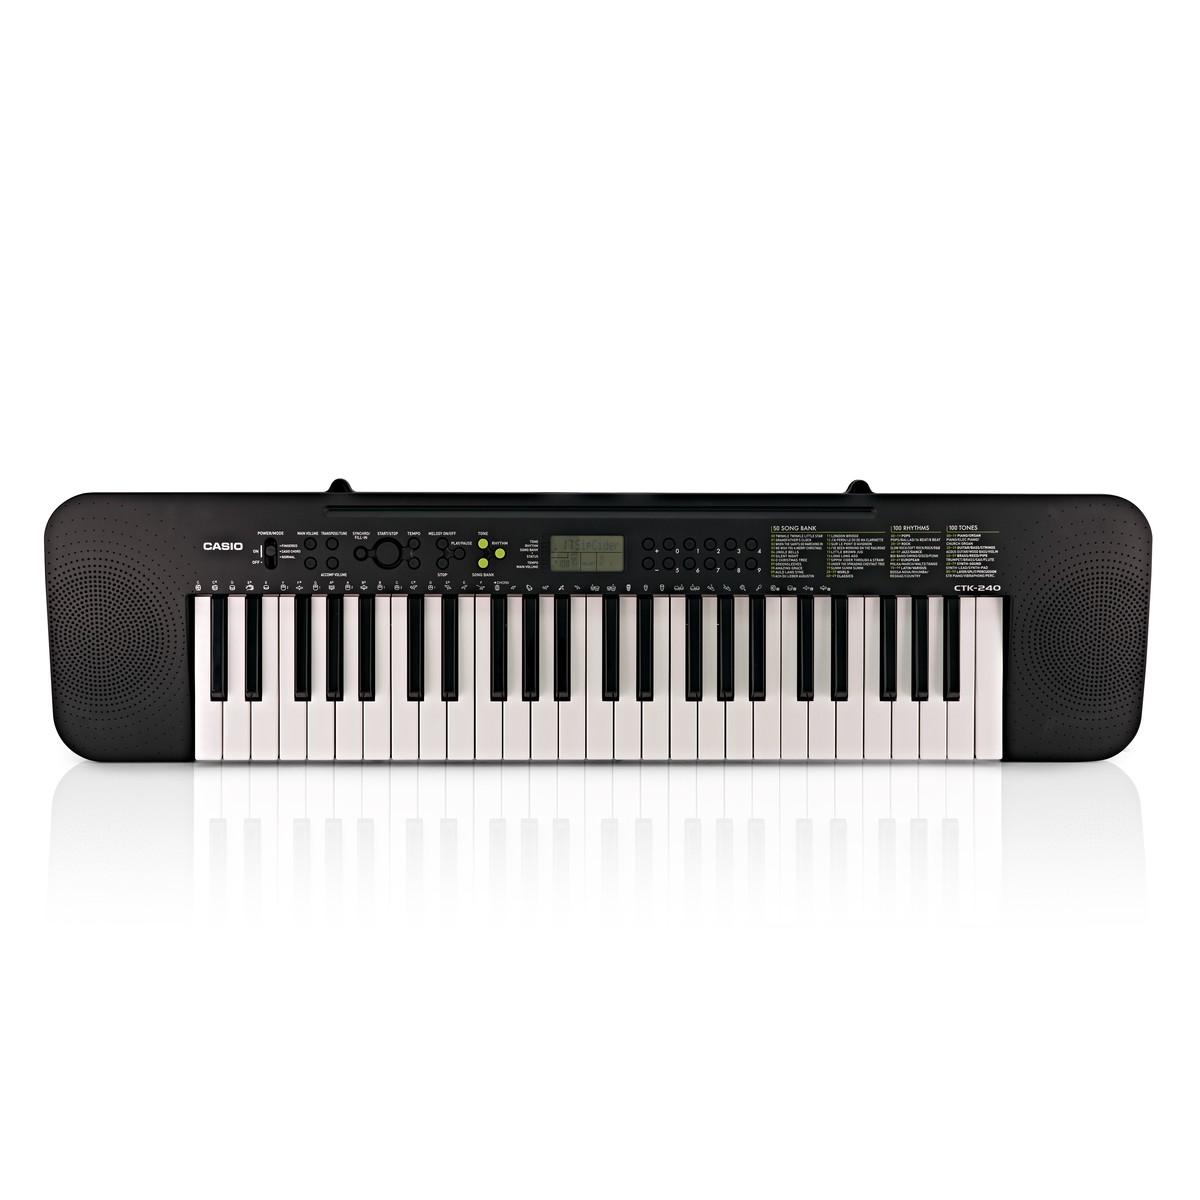 Casio CTK 240 Portable Keyboard 49 Key